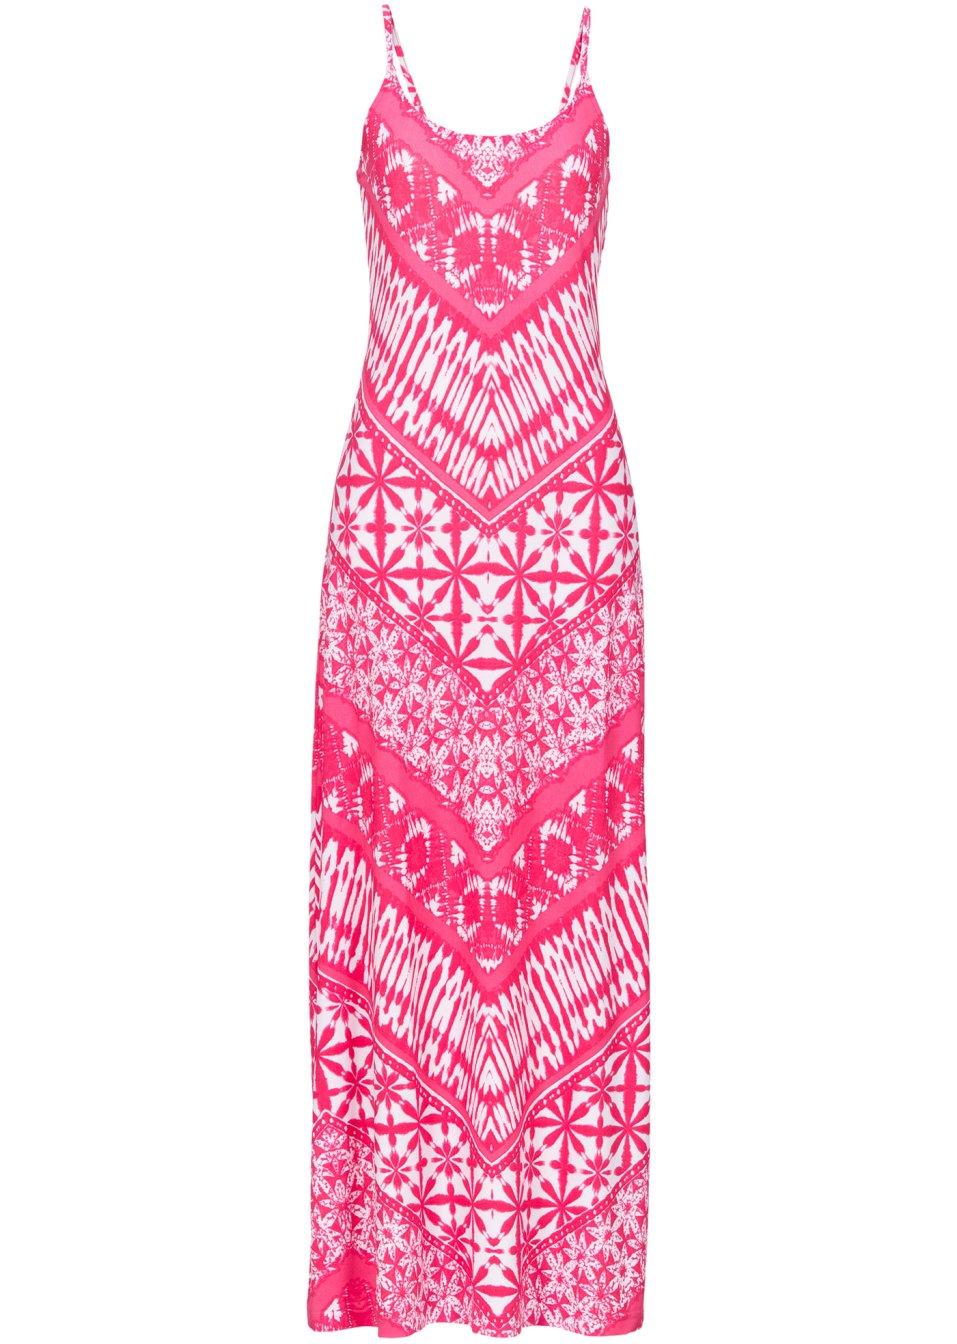 Robe fuchsia imprim bodyflirt boutique commande online - Bonprix suivi de commande ...